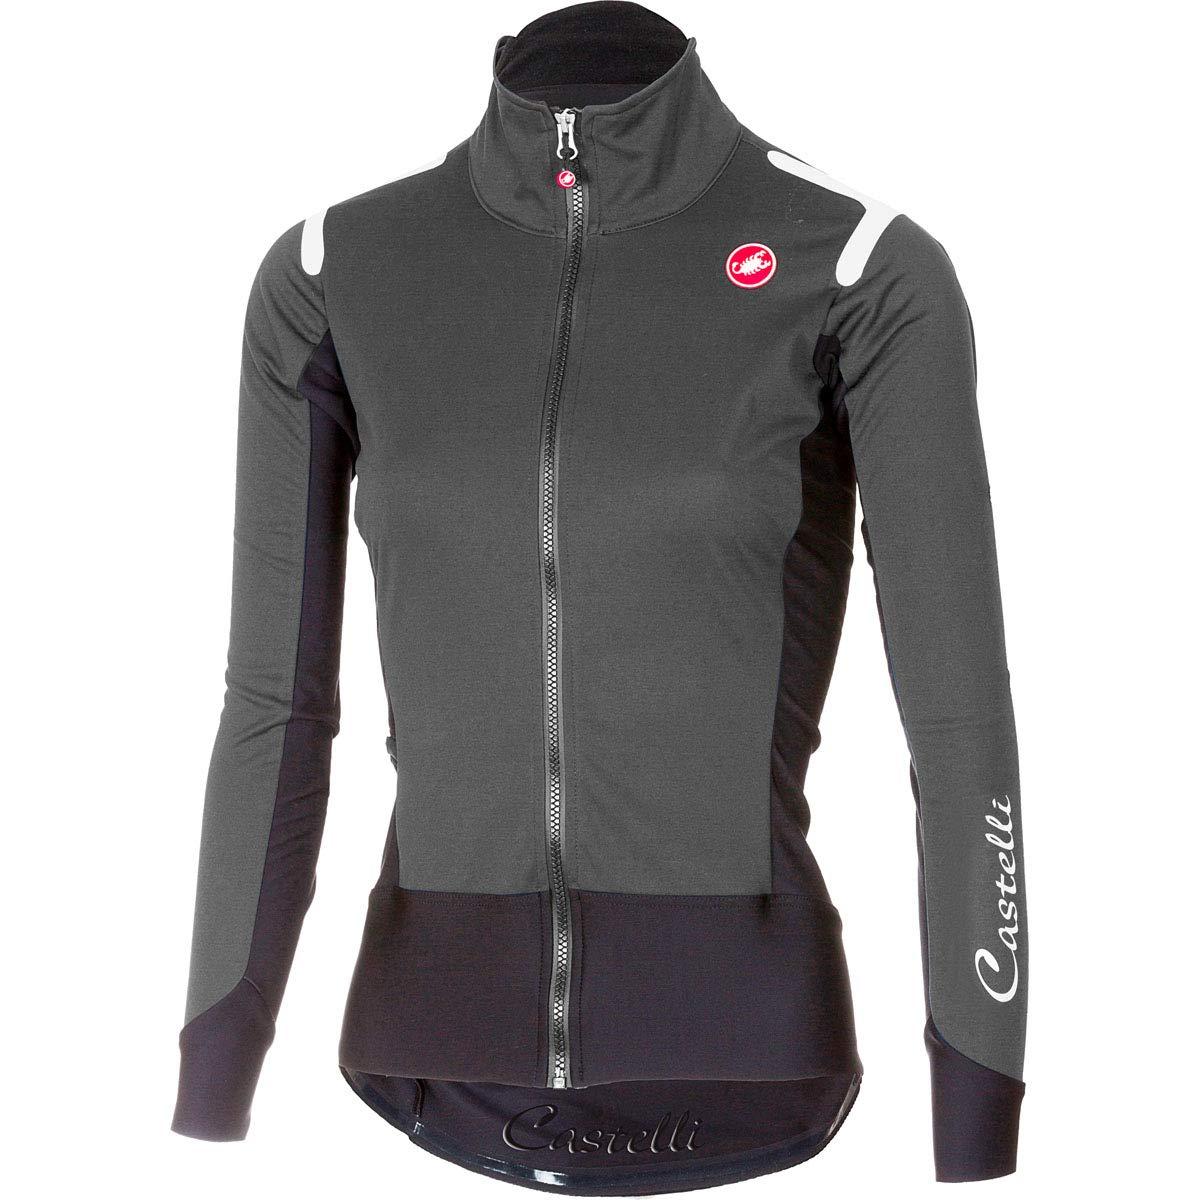 Castelli 2017レディースアルファRos長袖サイクリングジャージー – a17539 B07GXLHBS2 Medium|Dark Gray/Black Dark Gray/Black Medium